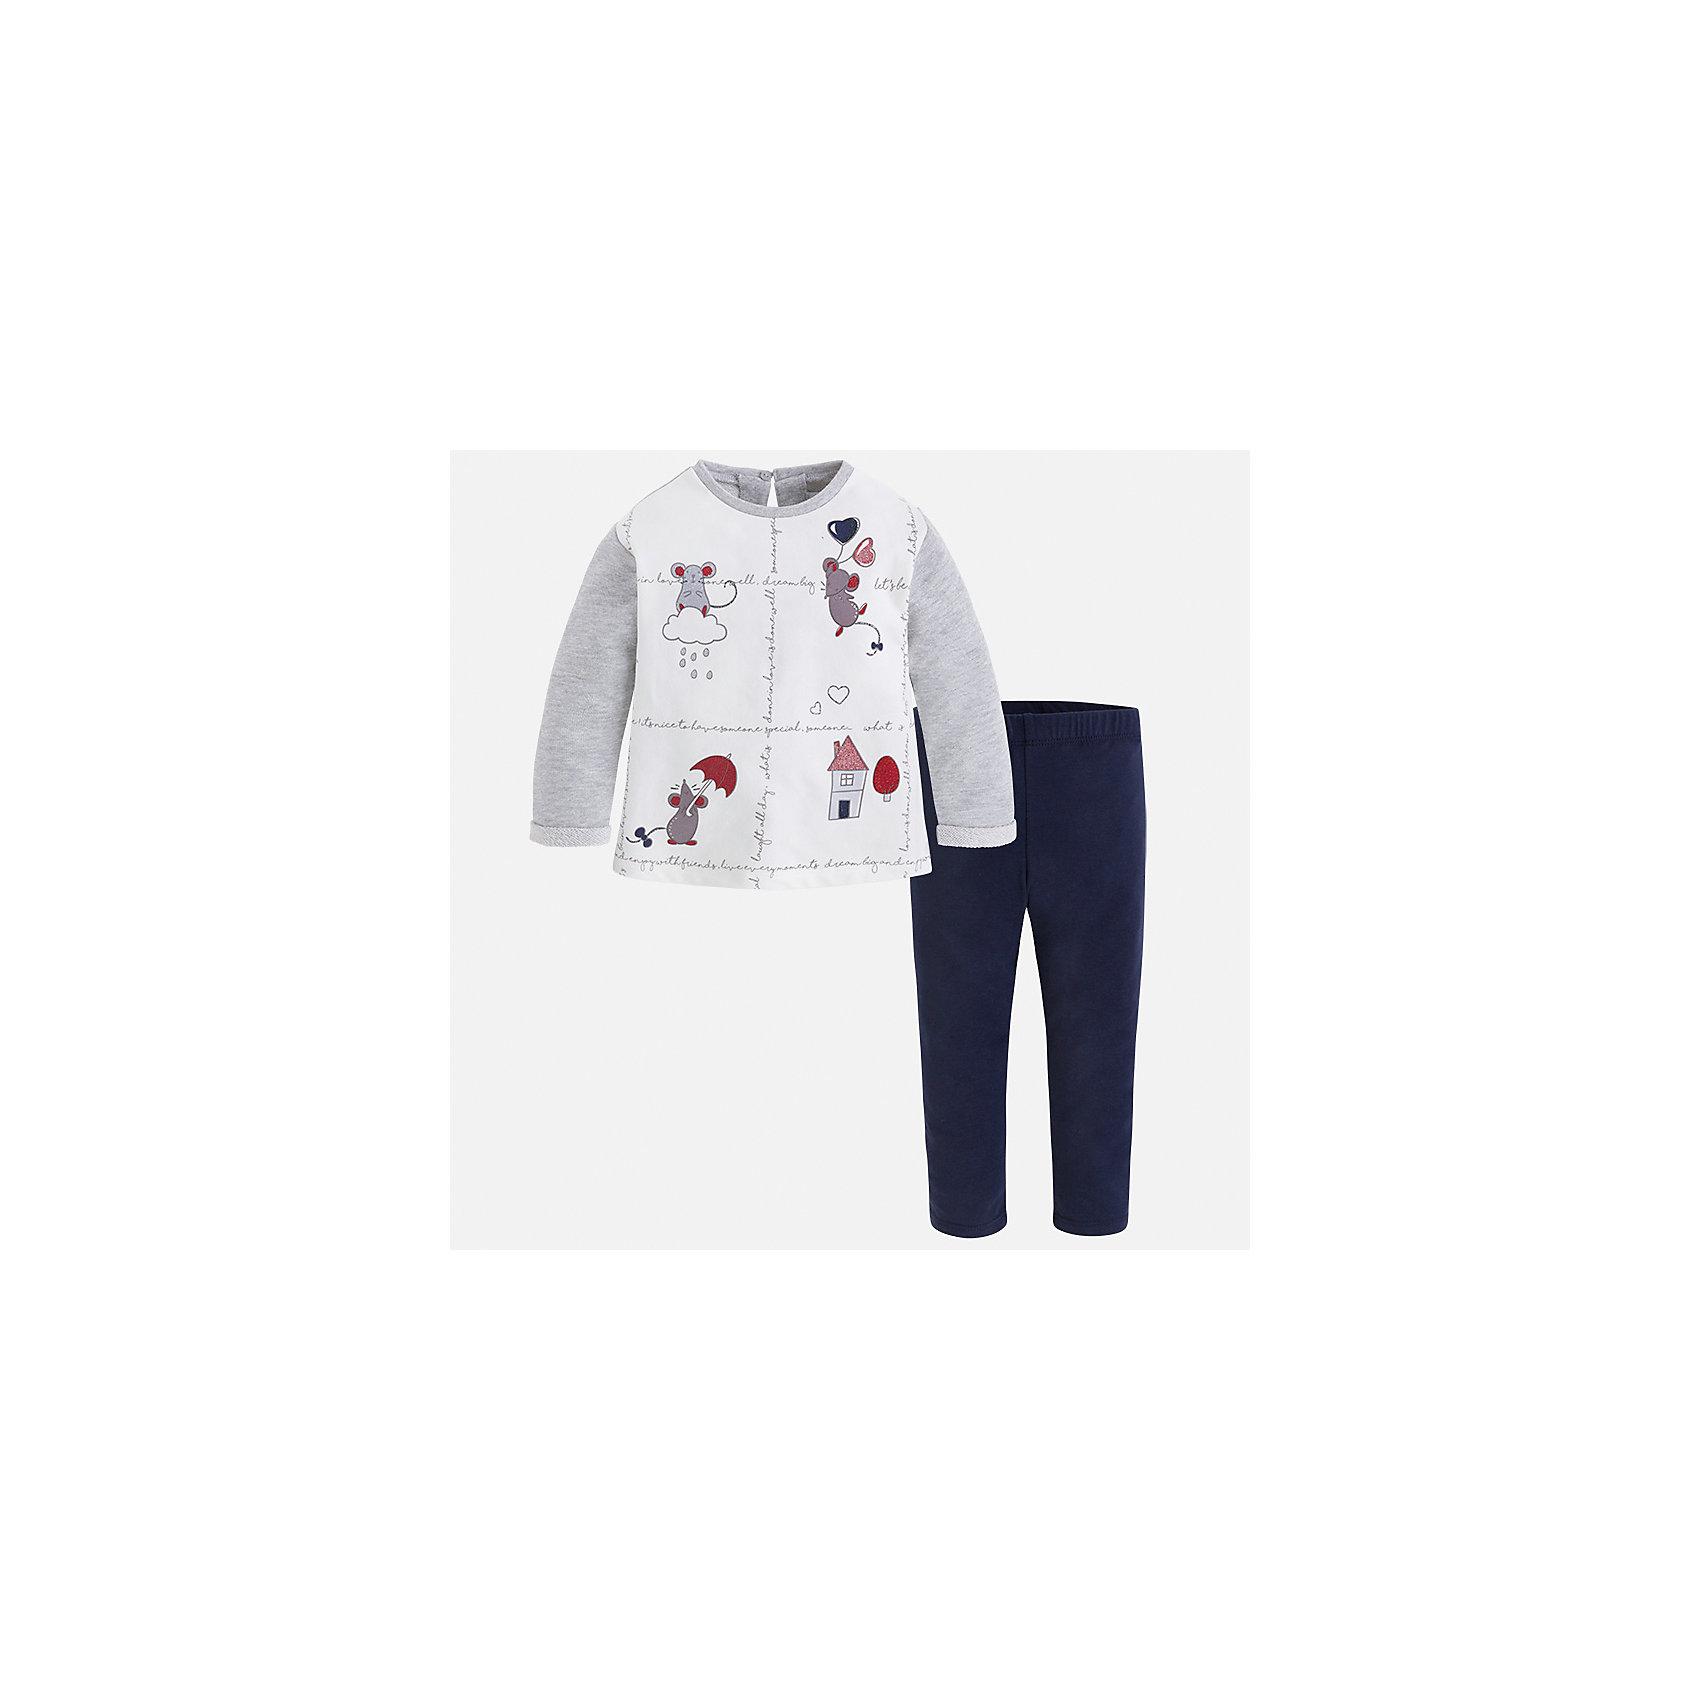 Комплект: футболка с длинным рукавом и леггинсы Mayoral для девочкиБлузки и рубашки<br>Характеристики товара:<br><br>• цвет: белый<br>• комплектация: футболка с длинным рукавом и леггинсы<br>• состав ткани леггинсов: 50% хлопок, 38% полиэстер, 9% металлизированное волокно, 3% эластан<br>• состав ткани футболки с длинным рукавом: 57% хлопок, 38% полиэстер, 5% эластан<br>• длинные рукава<br>• пояс: резинка<br>• сезон: круглый год<br>• страна бренда: Испания<br>• страна изготовитель: Индия<br><br>Детский комплект от известного испанского бренда Mayoral состоит из футболки с принтом и однотонных эластичных леггинсов. Комплект для девочки - удобный и дышащий.<br><br>Детская одежда от испанской компании Mayoral отличаются оригинальным и всегда стильным дизайном. Качество продукции неизменно очень высокое.<br><br>Комплект: футболка с длинным рукавом и леггинсы для девочки Mayoral (Майорал) можно купить в нашем интернет-магазине.<br><br>Ширина мм: 123<br>Глубина мм: 10<br>Высота мм: 149<br>Вес г: 209<br>Цвет: белый<br>Возраст от месяцев: 60<br>Возраст до месяцев: 72<br>Пол: Женский<br>Возраст: Детский<br>Размер: 116,122,128,134,92,98,104,110<br>SKU: 6922688